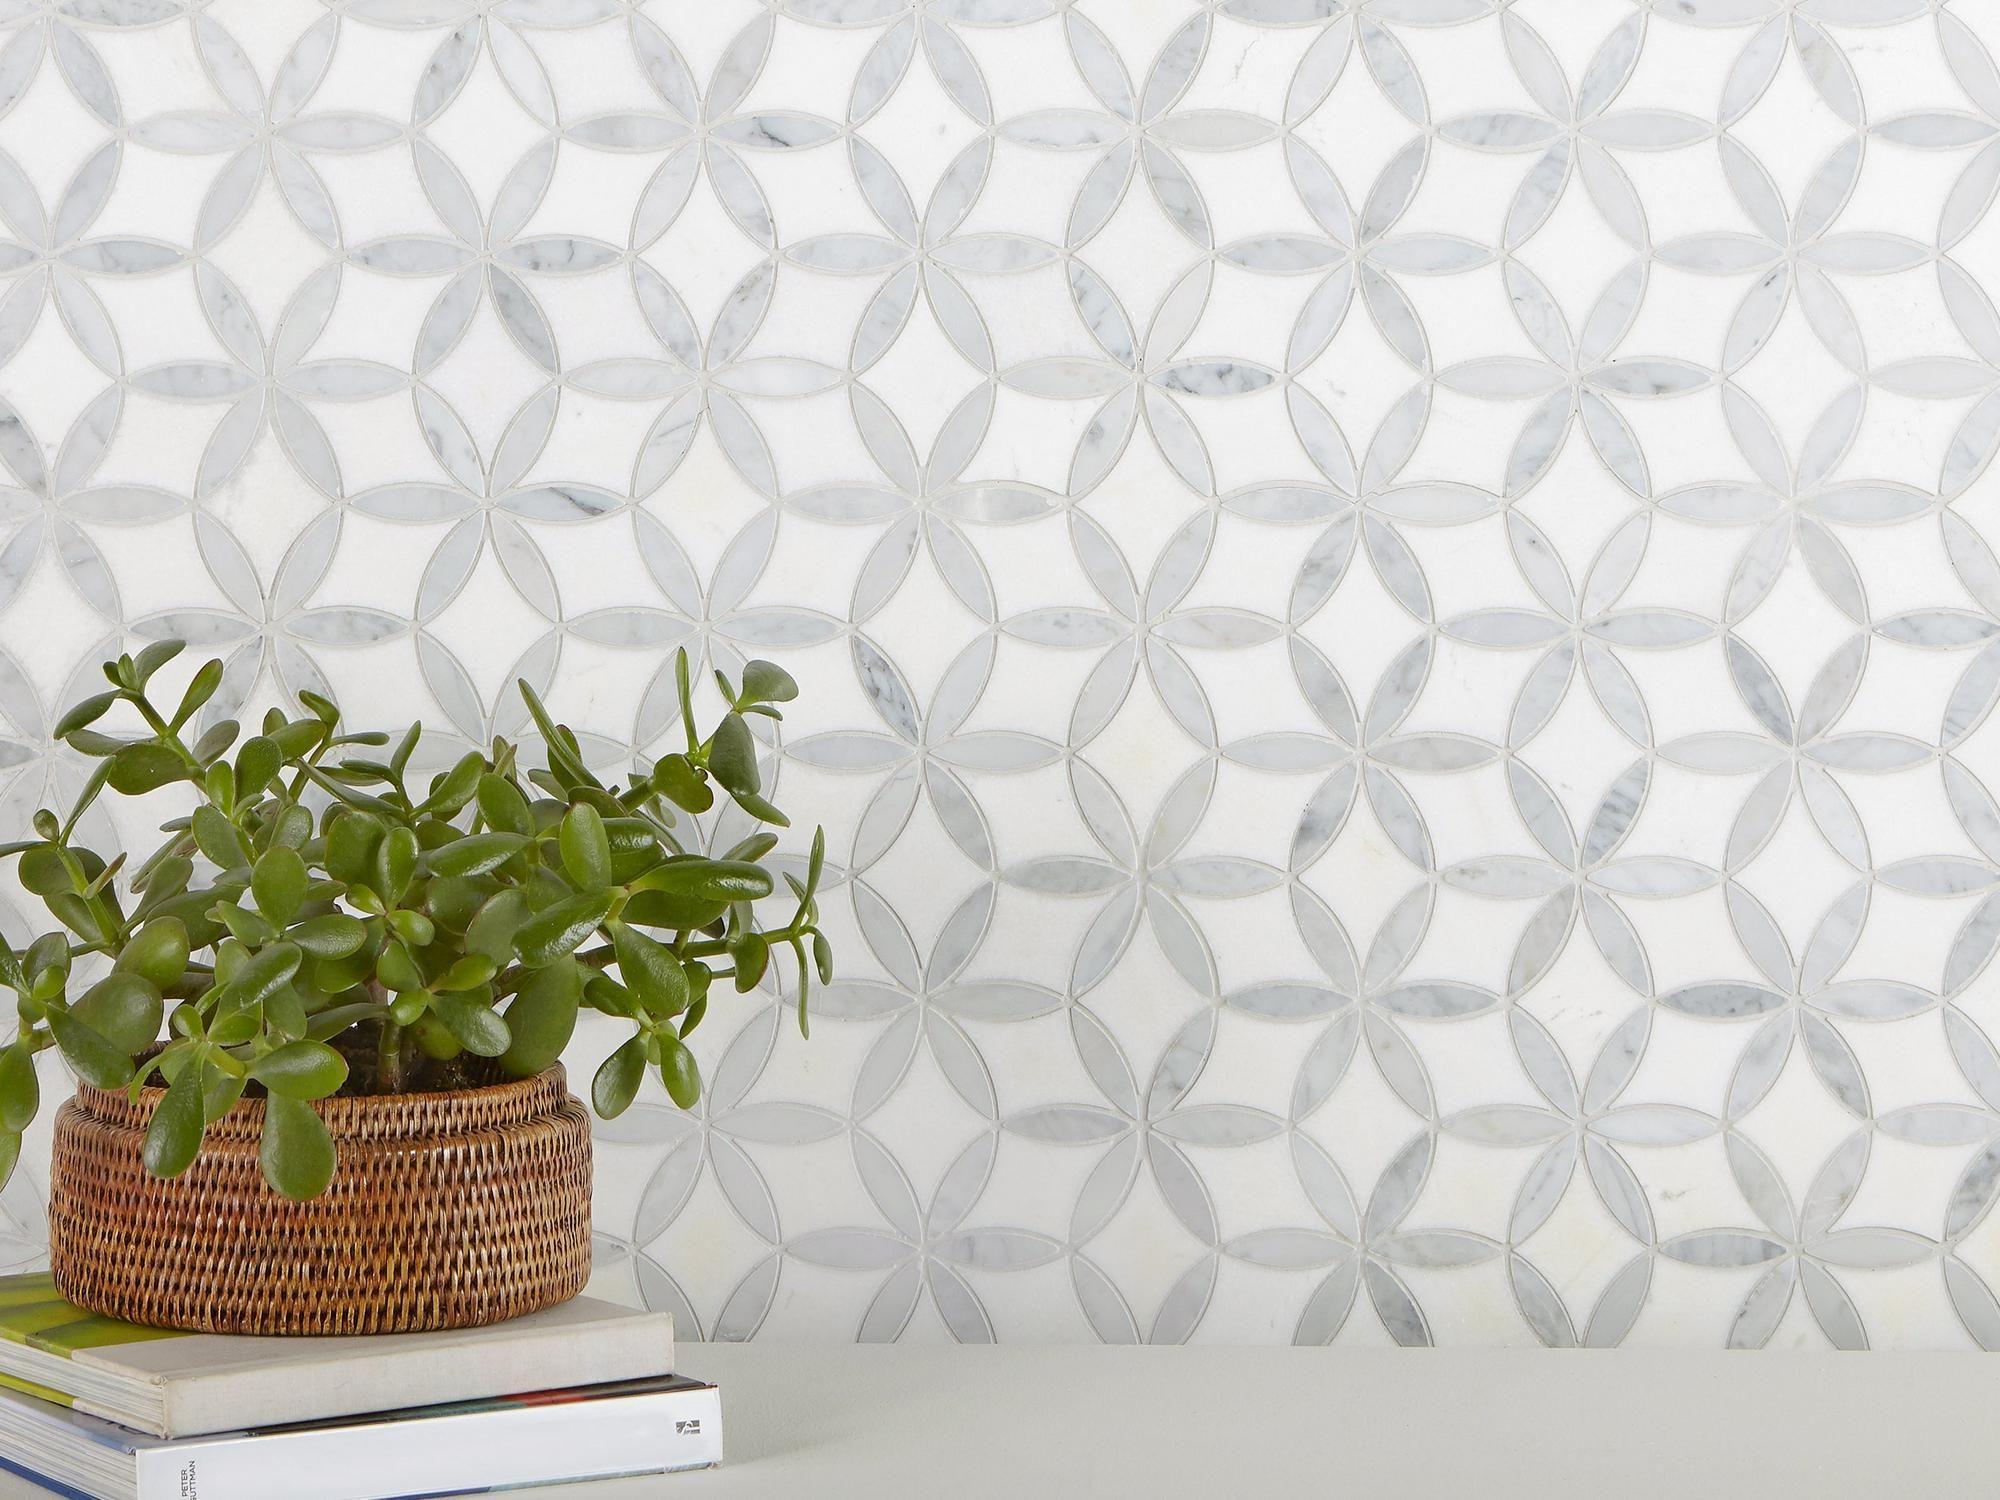 marble mosaic mosaic backsplash mosaic